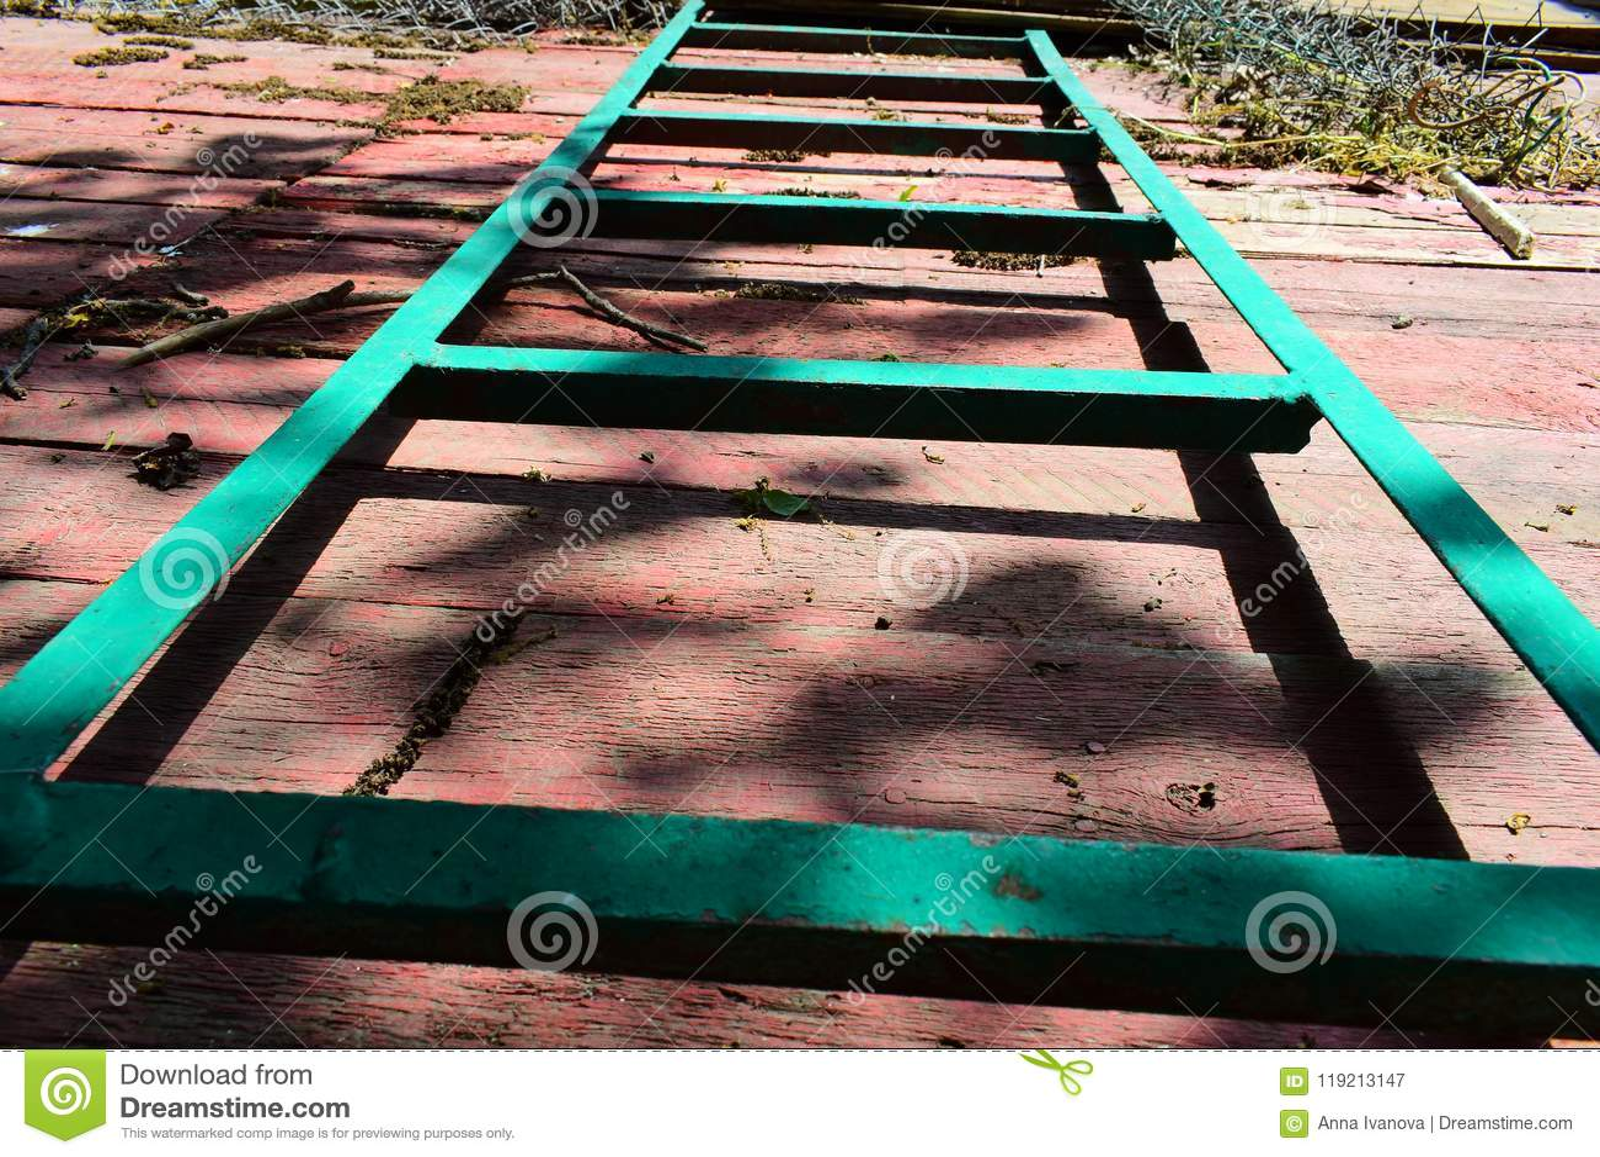 Un Escalier De Jardin De Long Vert Sur Une Palette En Bois Rouge